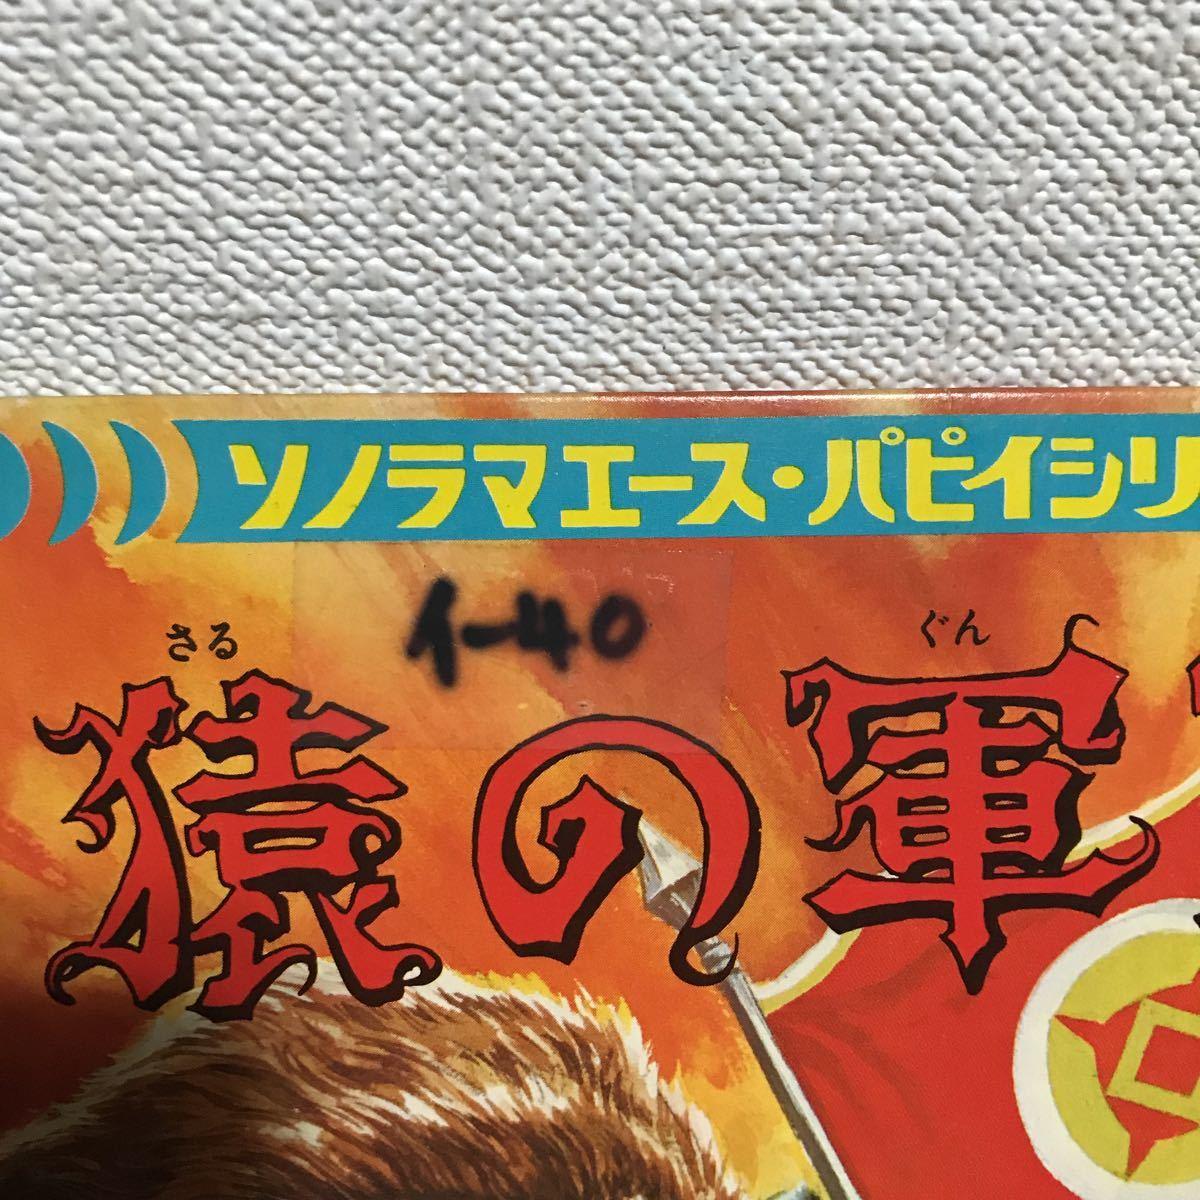 中古 猿の軍団 レコード ソノラマエース パピイシリーズ 朝日ソノラマ_画像2